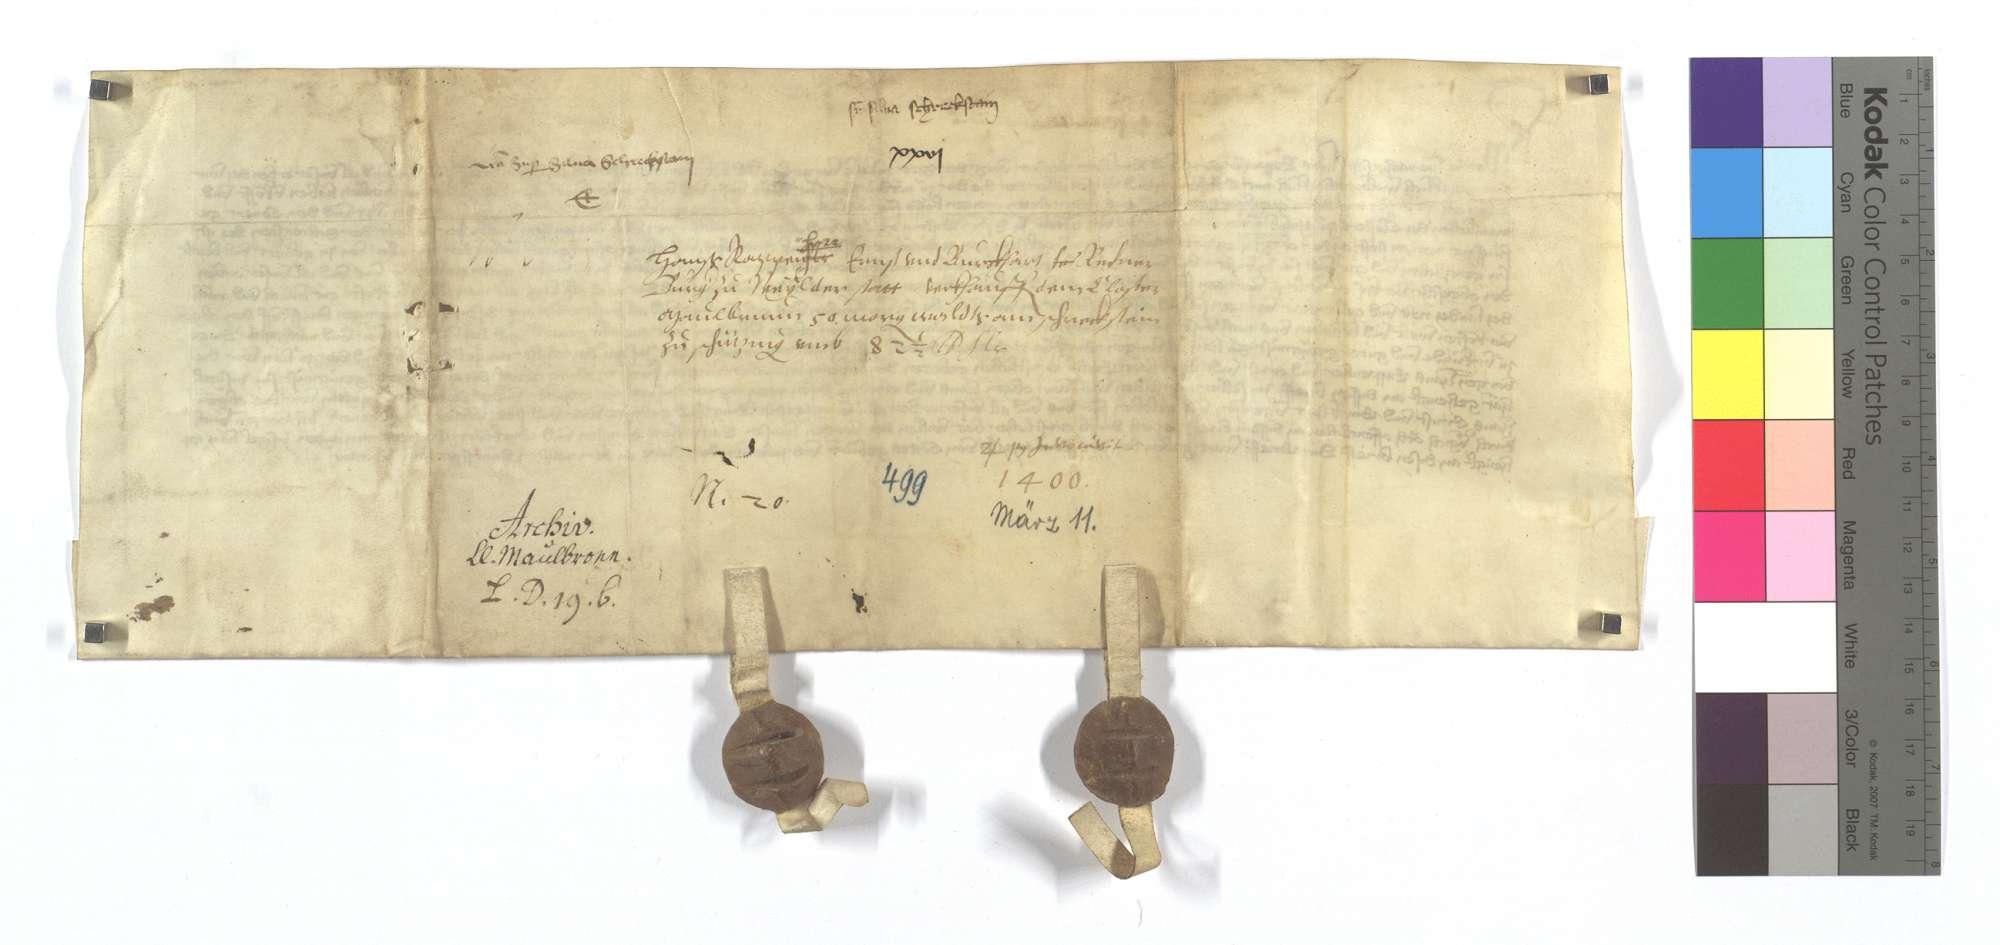 Hans Rappenherr und Konsorten von Weil (Weyl) der Stadt verkaufen dem Kloster Maulbronn 50 Morgen Wald am Scheckstein in Schützingen (Schüzingen)., Rückseite